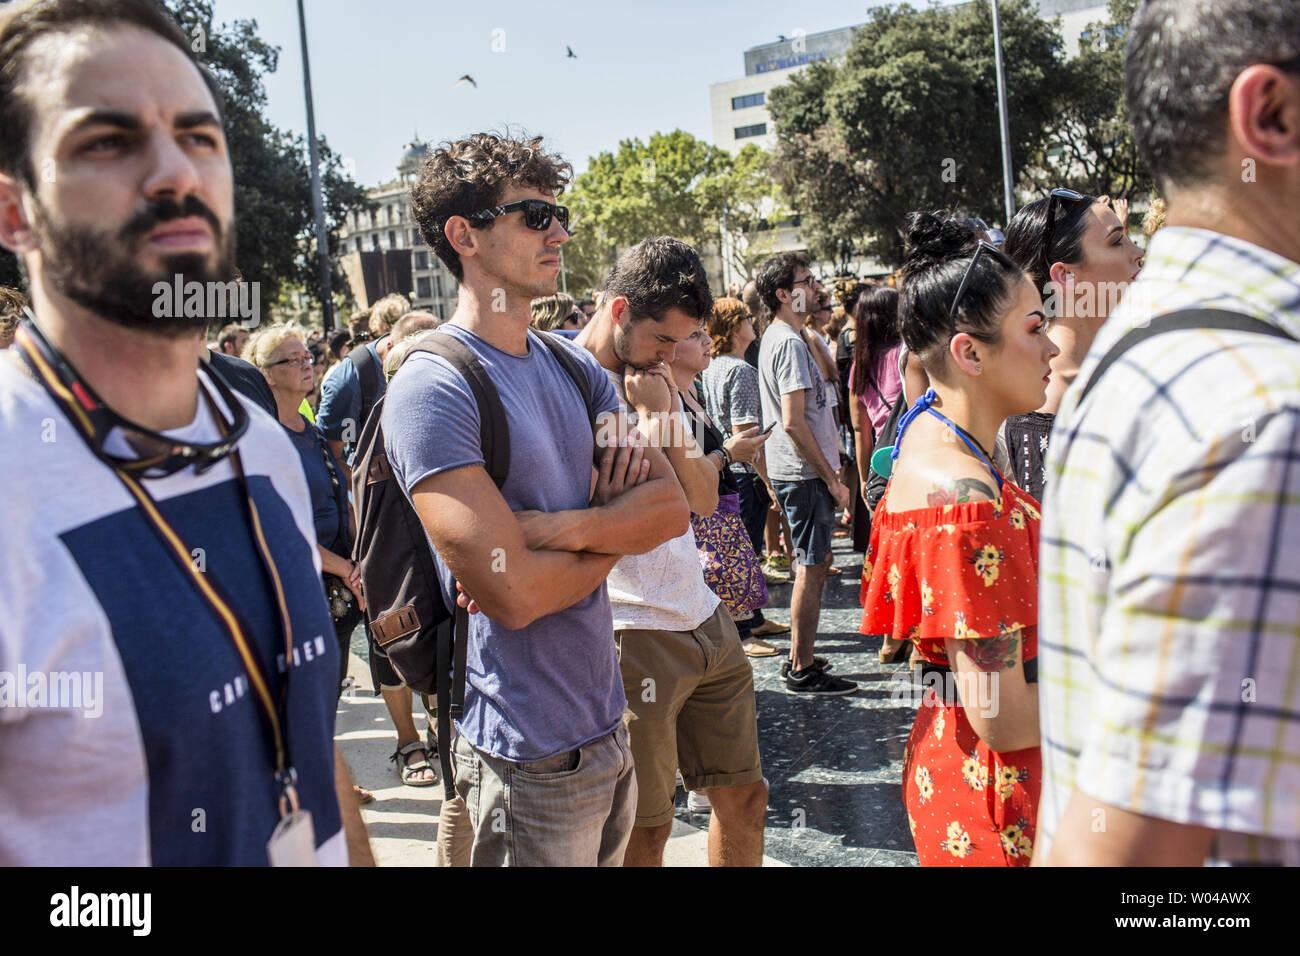 Les gens attendent avant une minute de silence pour les victimes de l'attaque de Barcelone sur la Plaza de Catalunya le 18 août 2017, un jour après un van dans la foule, tuant 14 personnes et blessant plus de 100 sur la Rambla de Barcelone. Les conducteurs ont labouré le 17 août 2017. photo par Angel Garcia/ UPI Banque D'Images